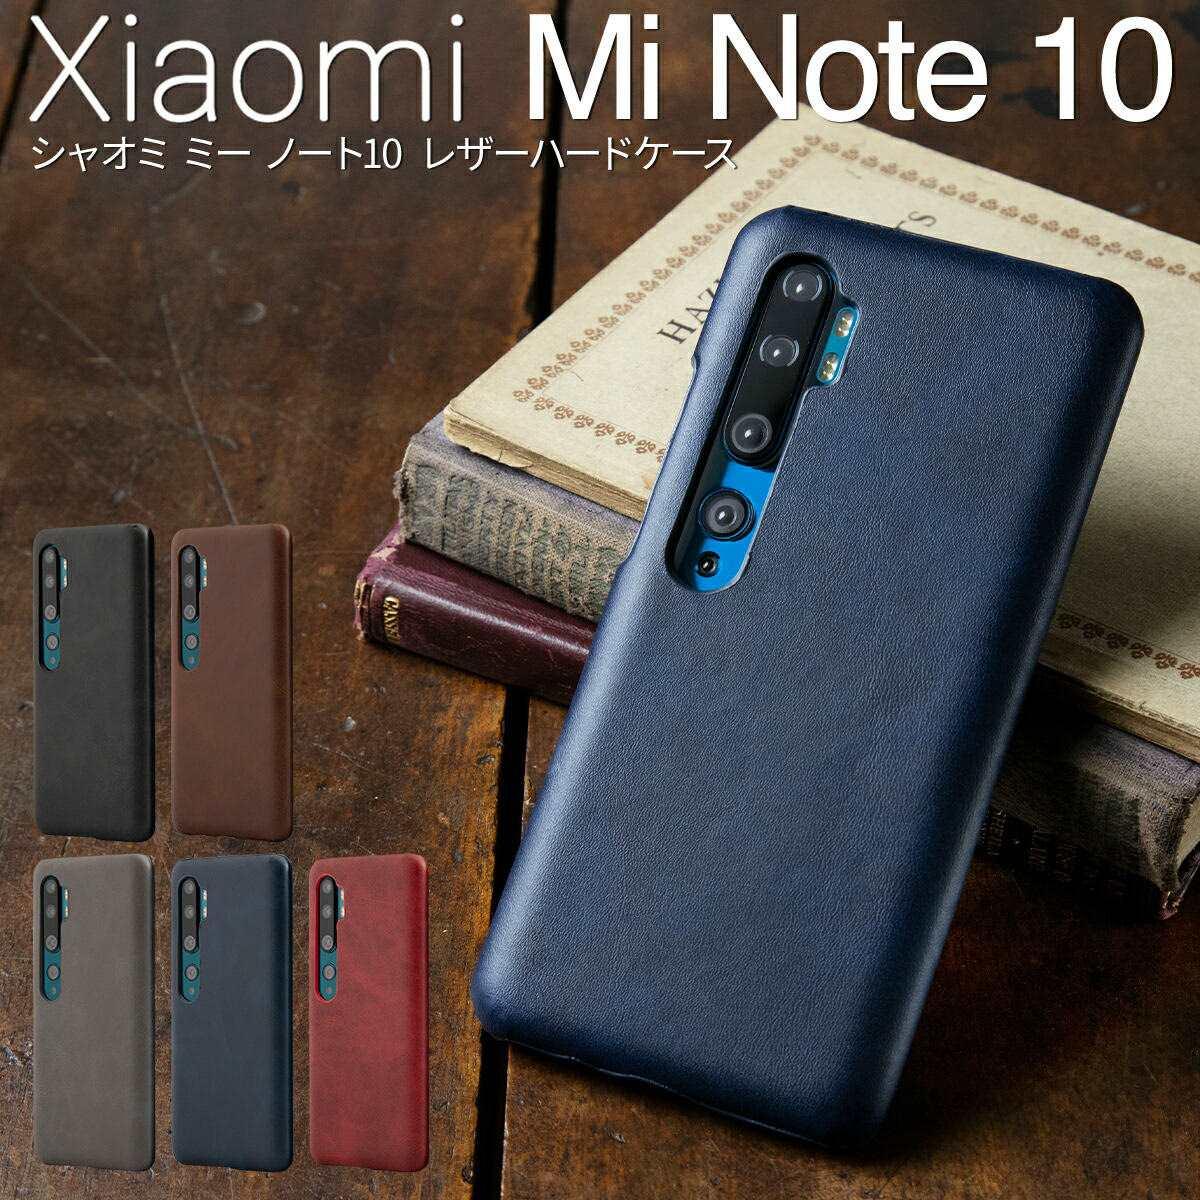 商品追加値下げ在庫復活 レザーハードケース Xiaomi Mi Note 10 スマホケース 韓国 新生活 ケース 人気 スマホ レザー 革 おしゃれ ビジネス カバー かっこいい